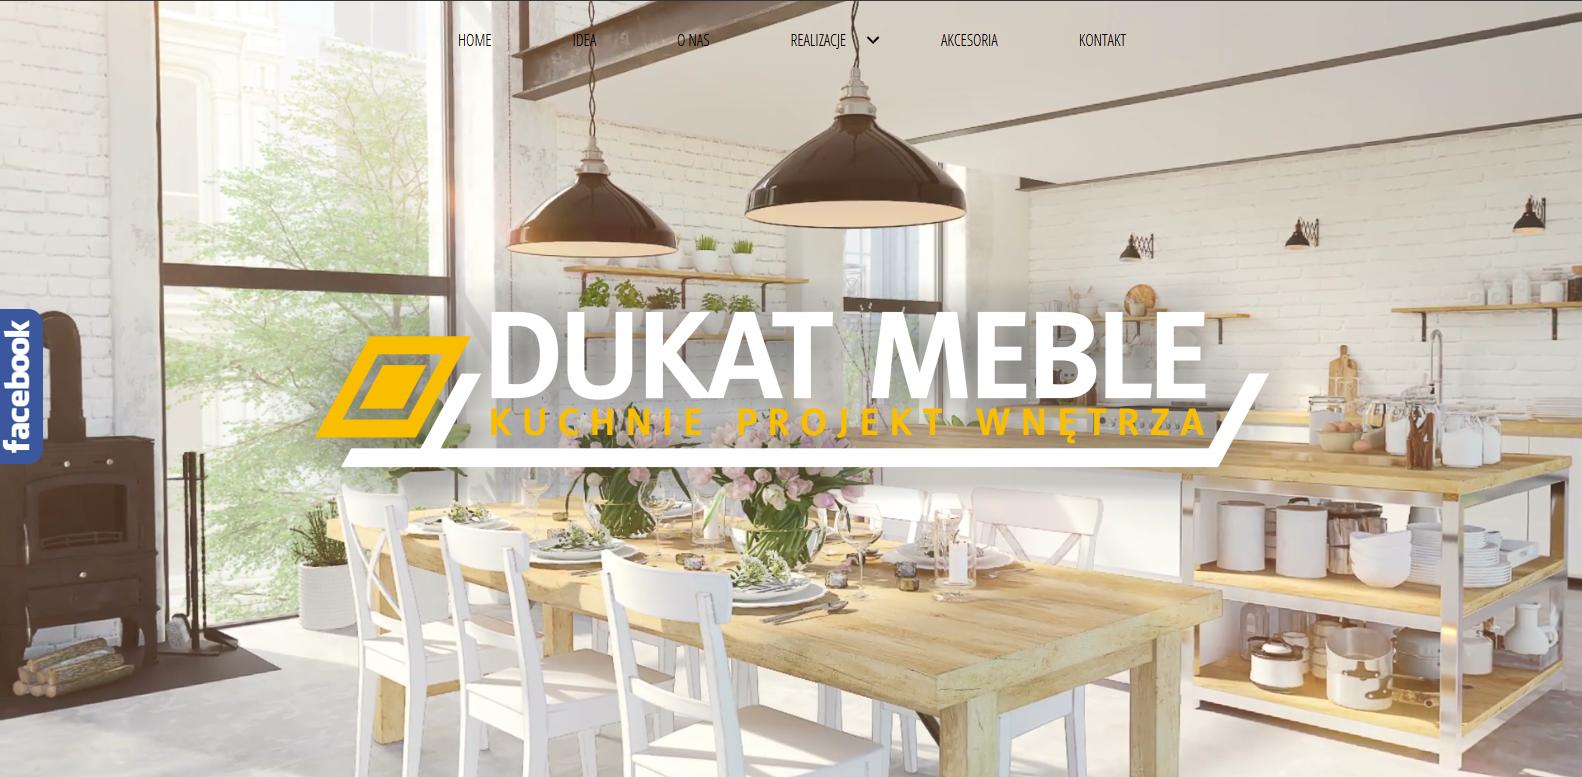 Strona WWW Dukat Meble